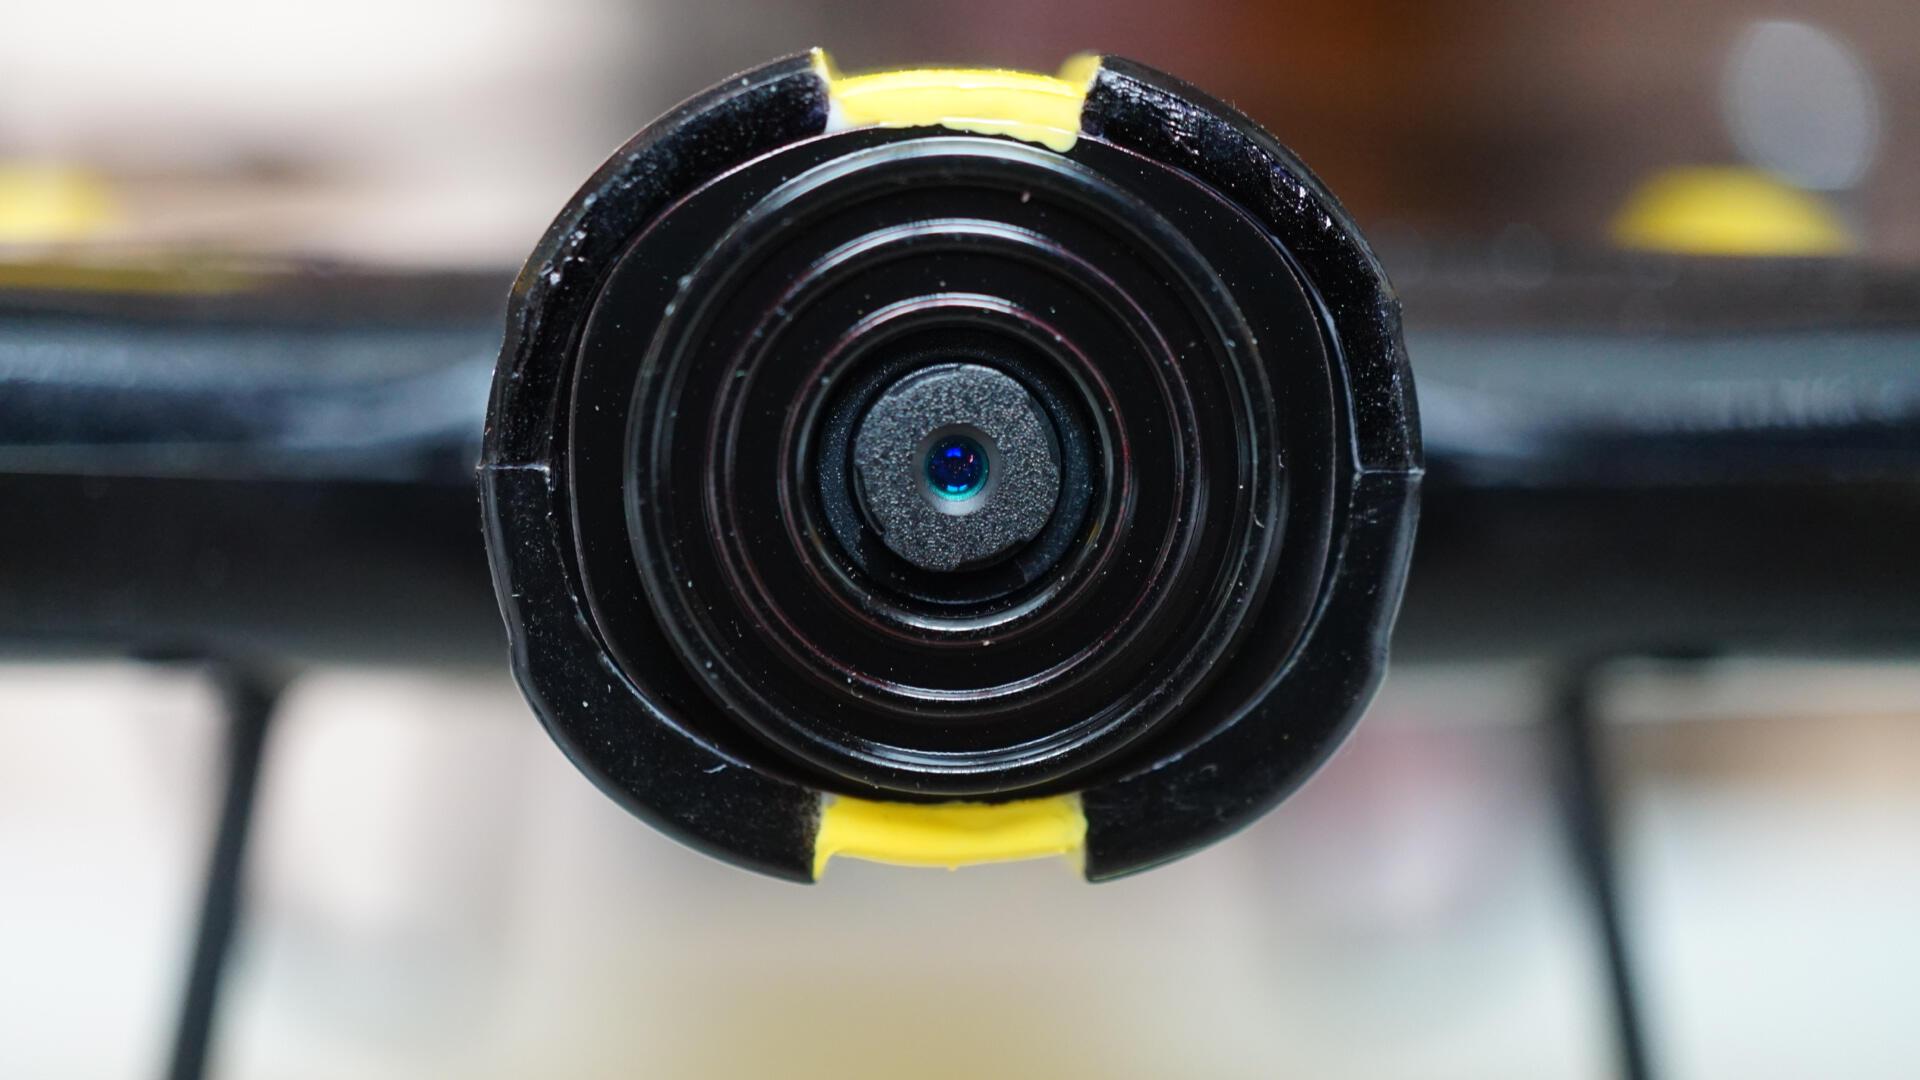 Novinki i tehnologii - Obzor kvadrokoptera Syma K8